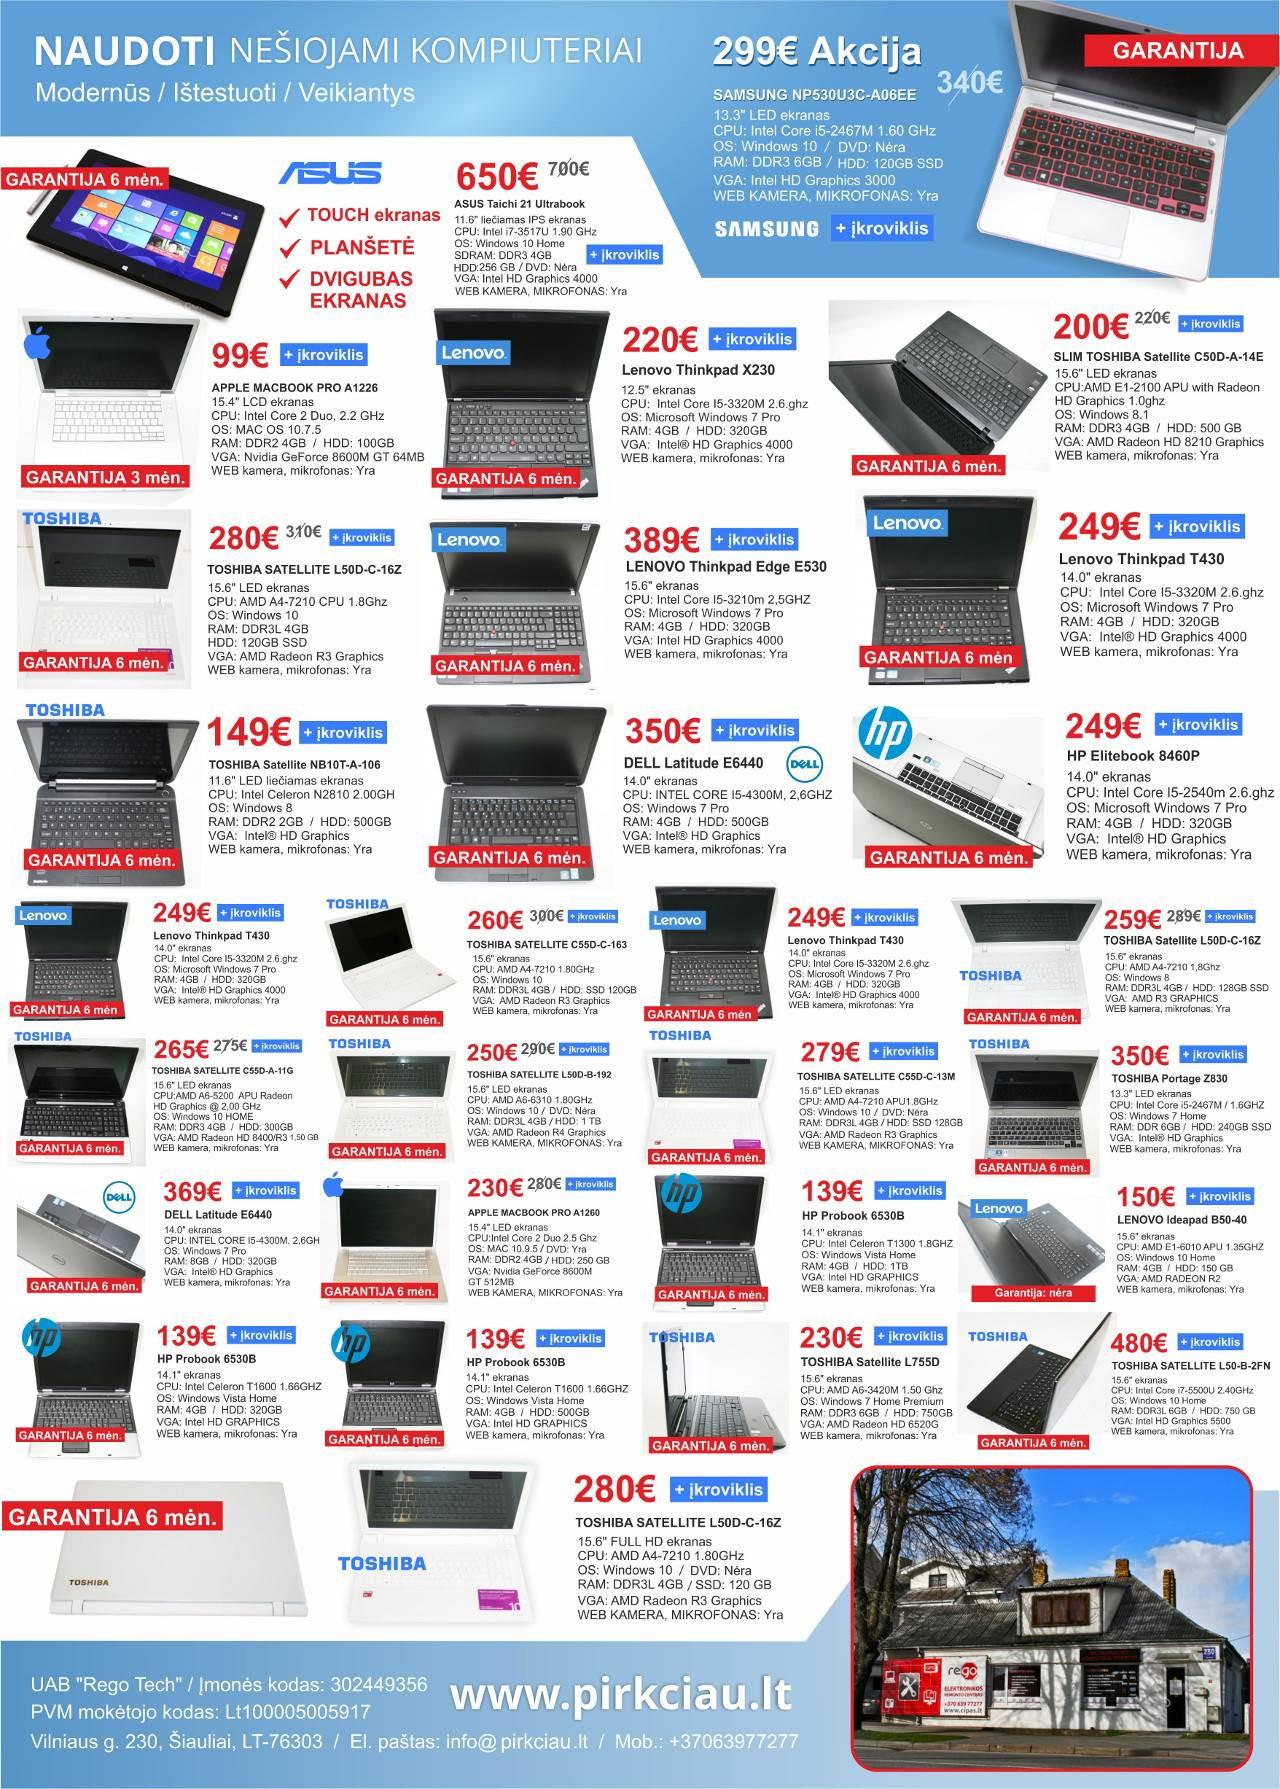 Naudoti Nešiojami Kompiuteriai Nuo 99 Eurų!